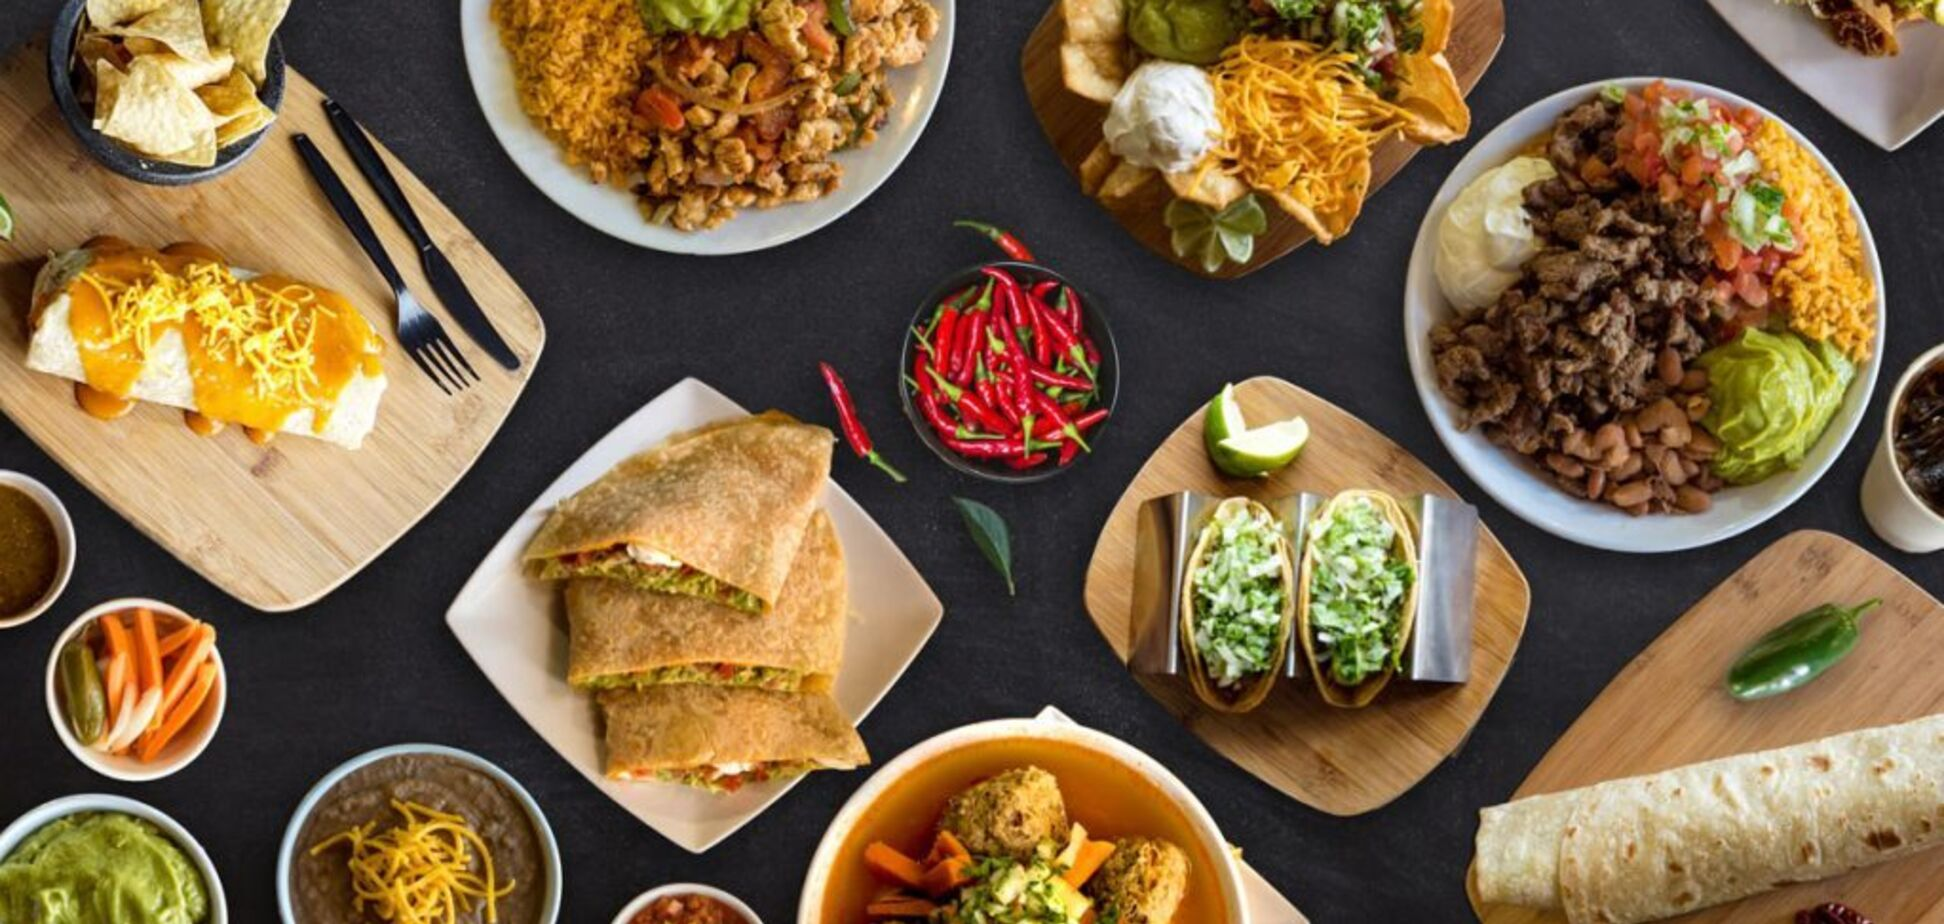 Рецепт удивительно вкусного мексиканского блюда